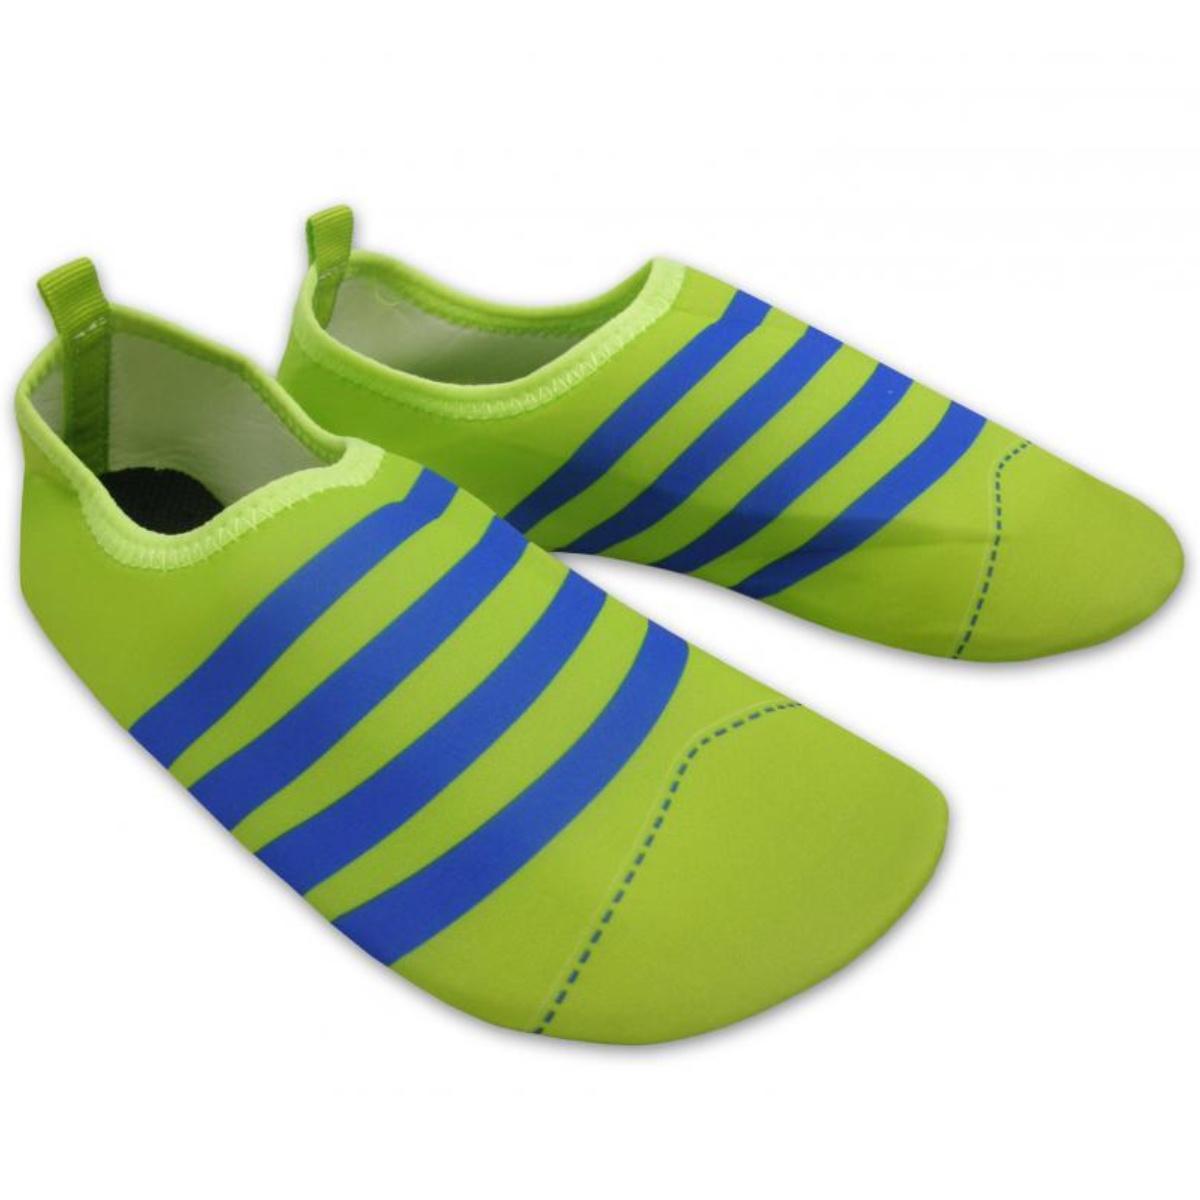 Boty do vody SEDCO Strips zelené - vel. 39-40